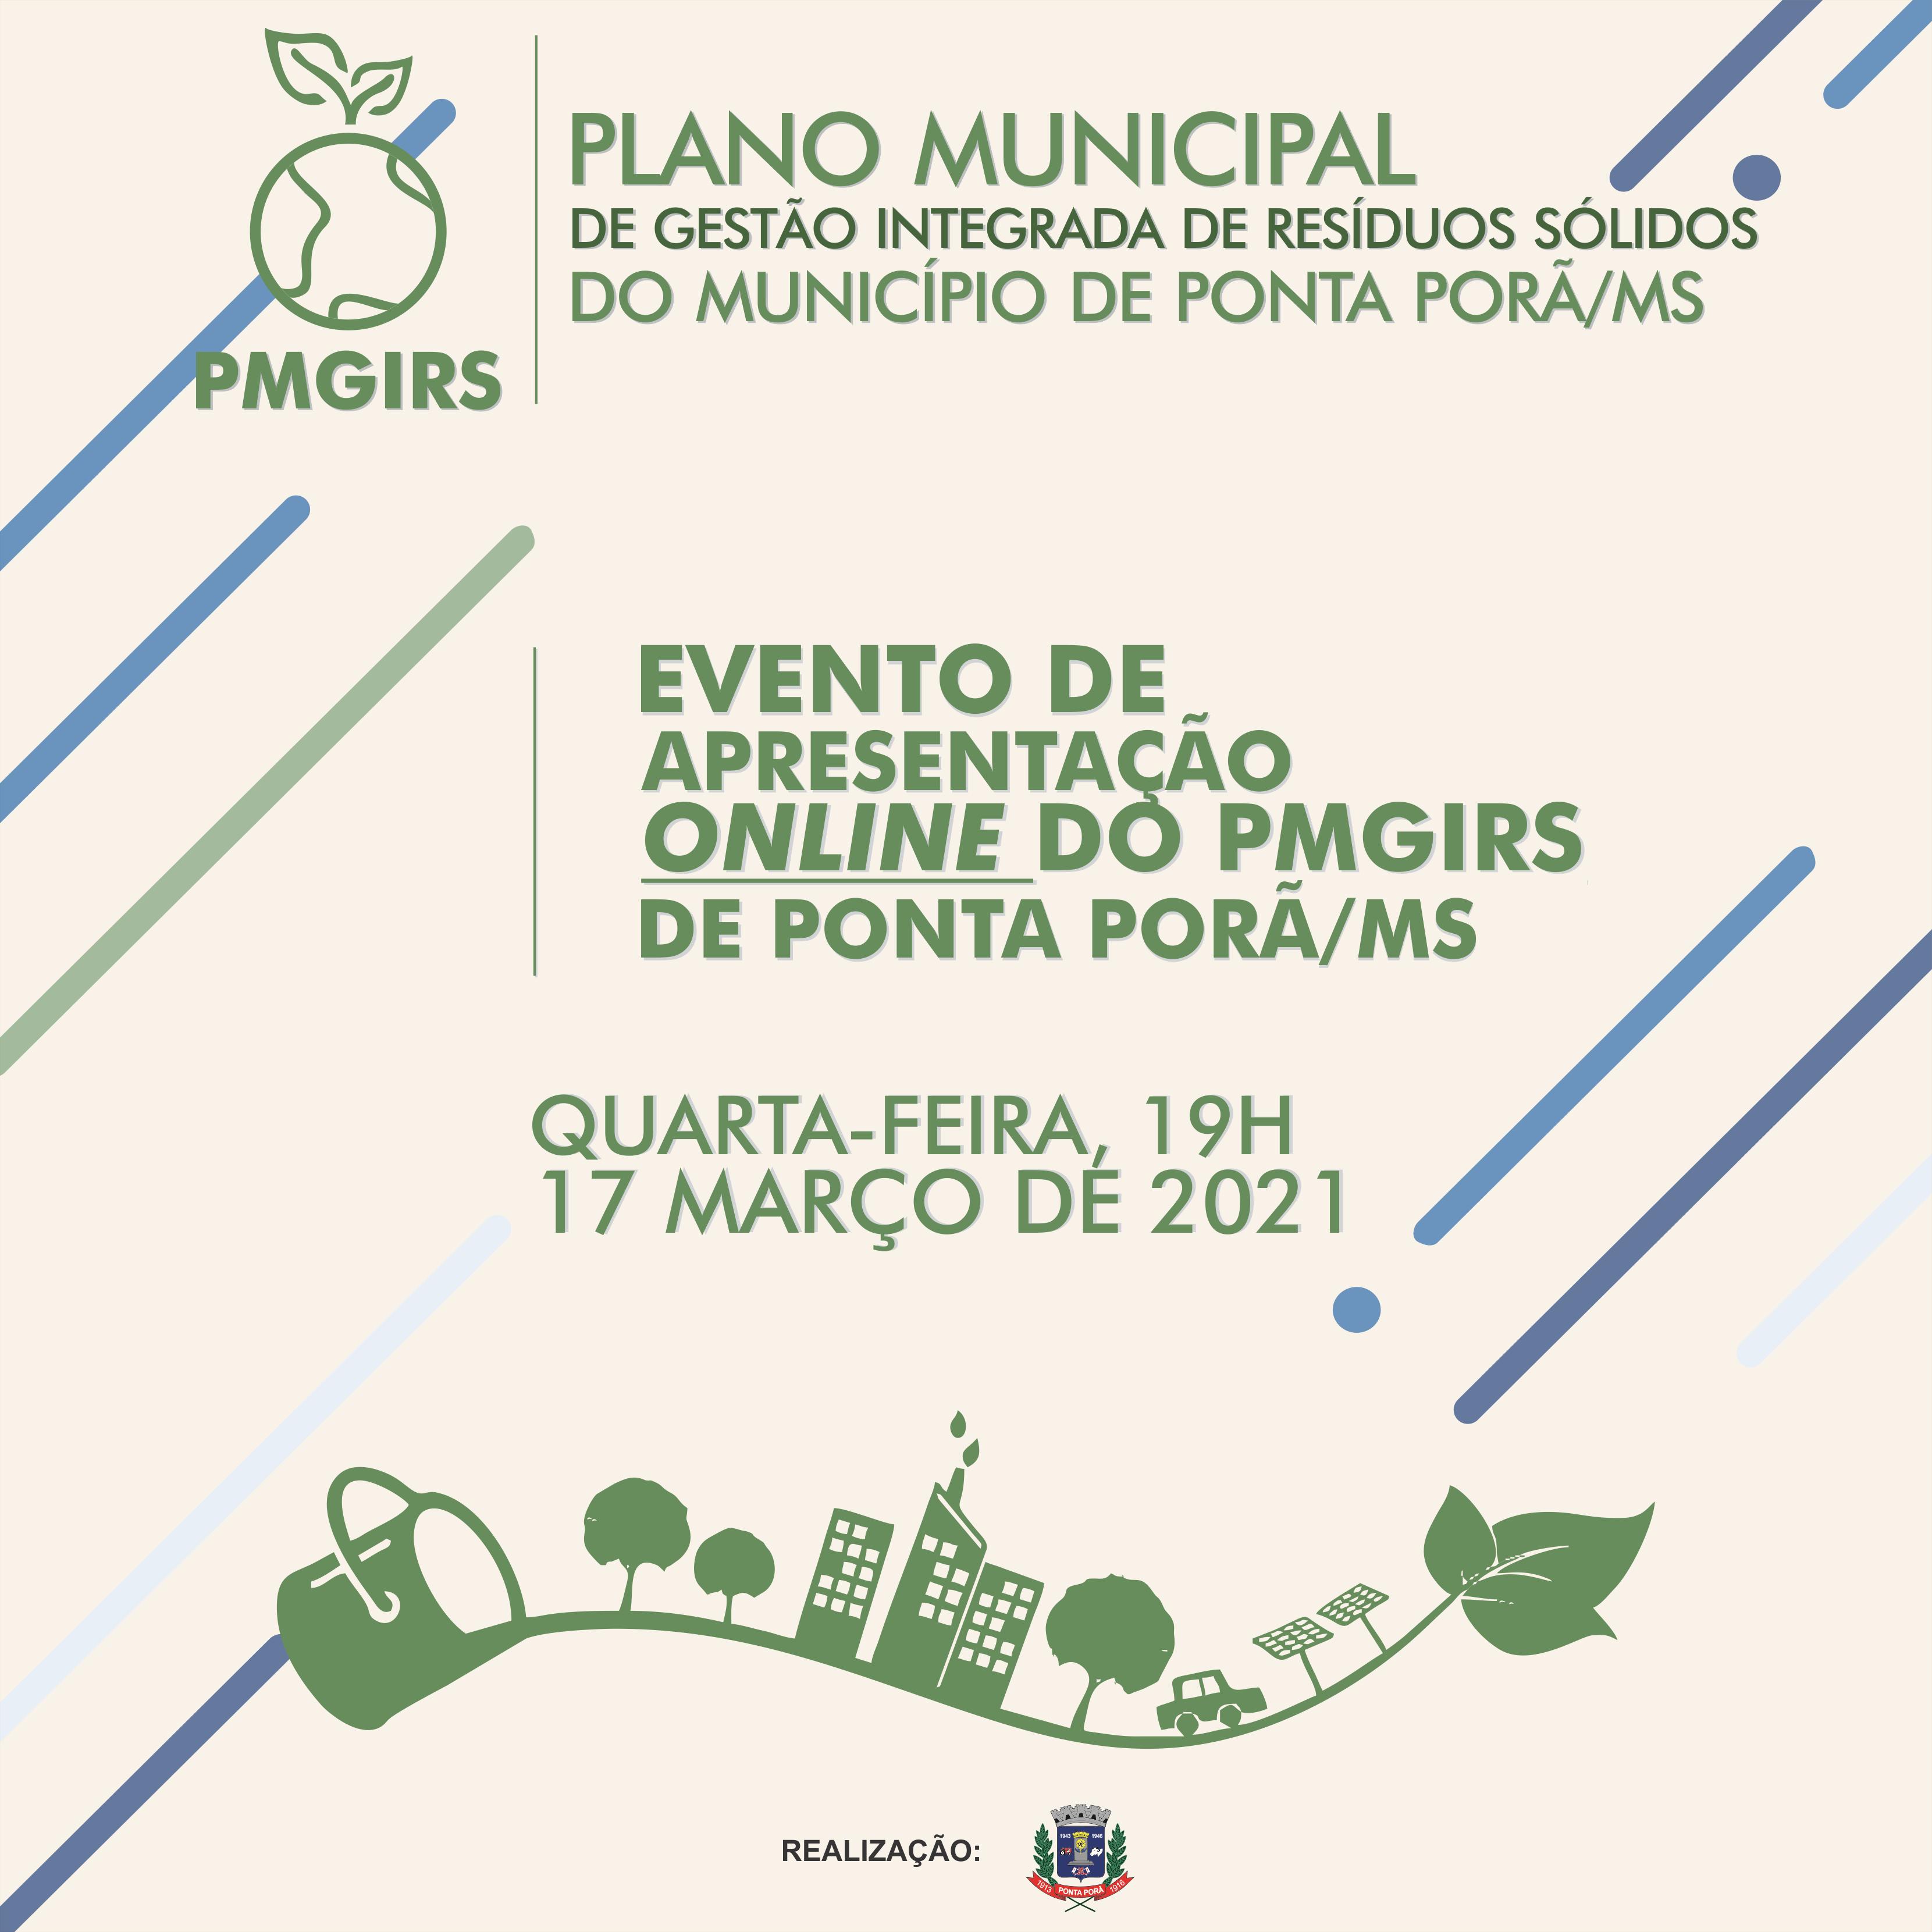 Prefeitura convida população a participar de debates sobre resíduos sólidos e saneamento básico